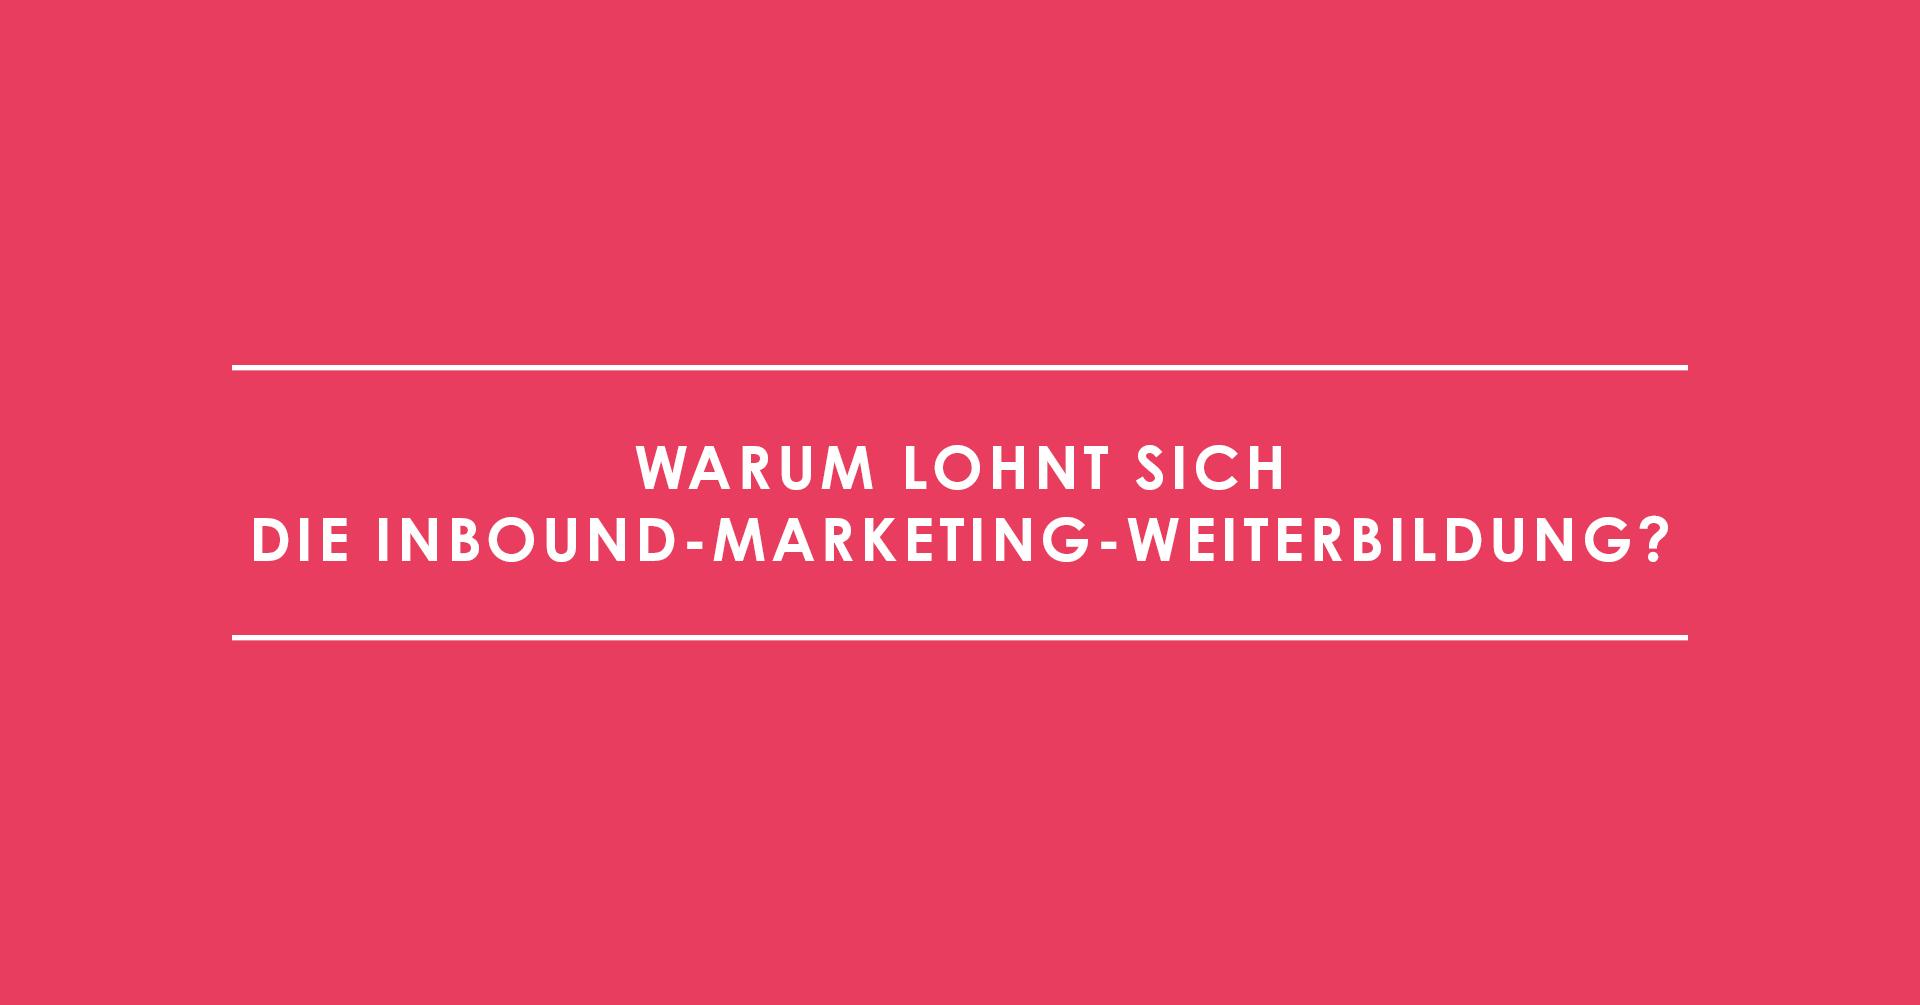 Warum lohnt sich die Inbound-Marketing-Weiterbildung? Ein Interview mit Gregor Hufenreuter